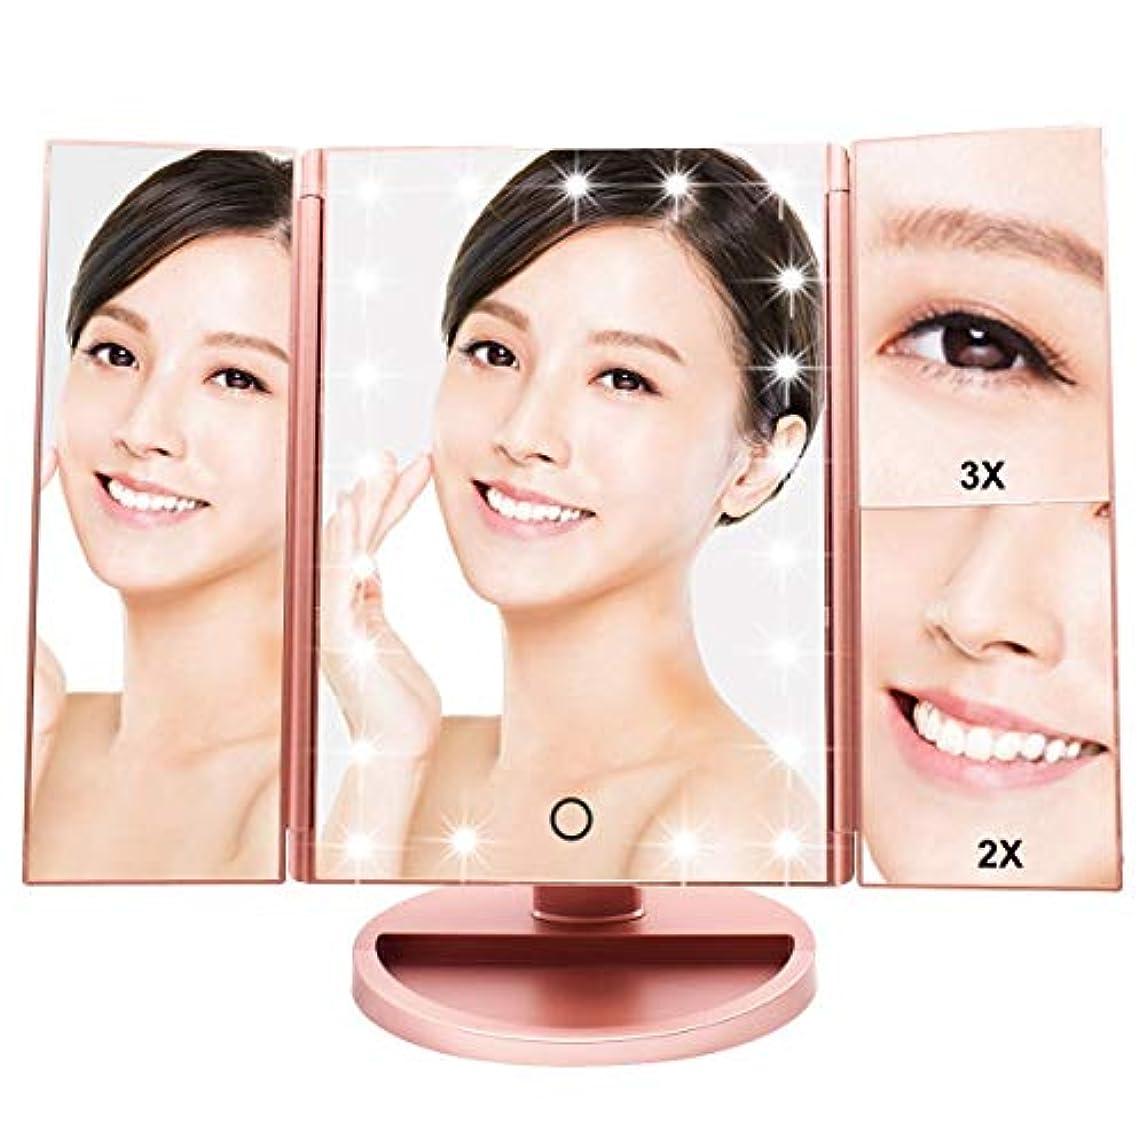 胸施設出血WEILY LED化粧鏡 卓上鏡 三面鏡 折りたたみ式 2倍&3倍拡大 女優ミラー 180度回転 ライト鏡 明るさ•角度自由調整 収納便利 USB/電池交換可能 (ローズゴールド)